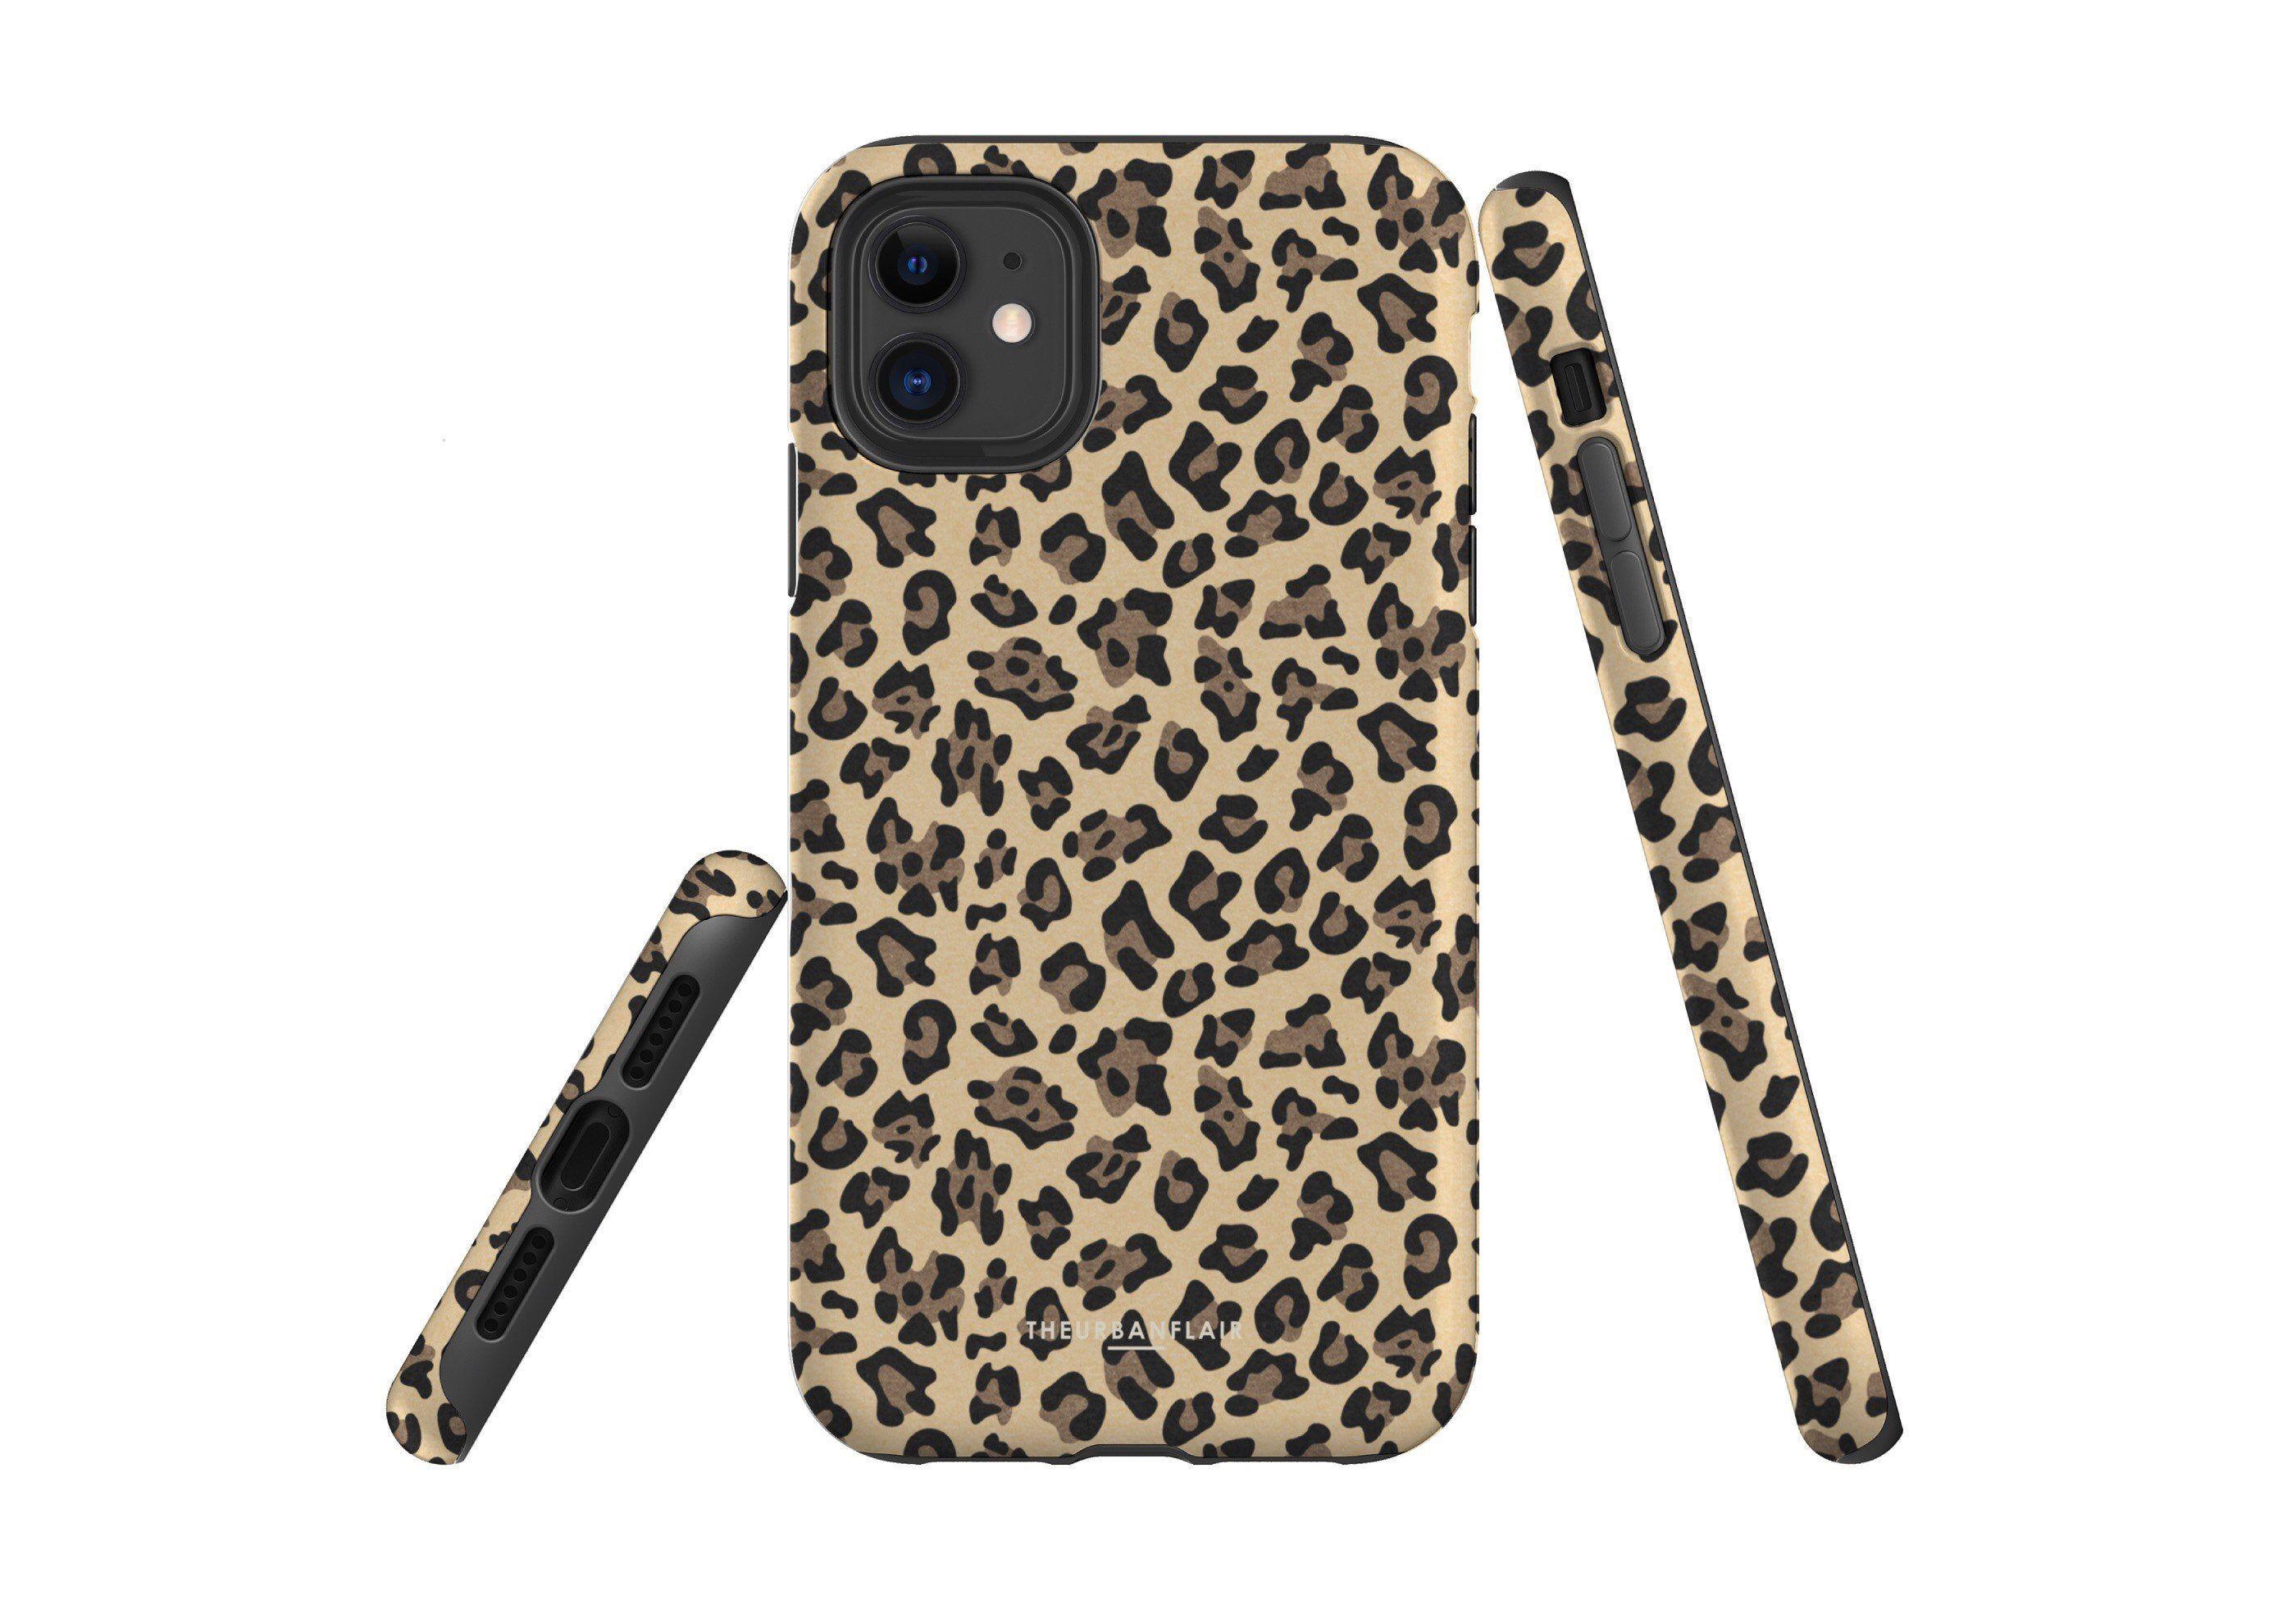 iphone xr glitter case india